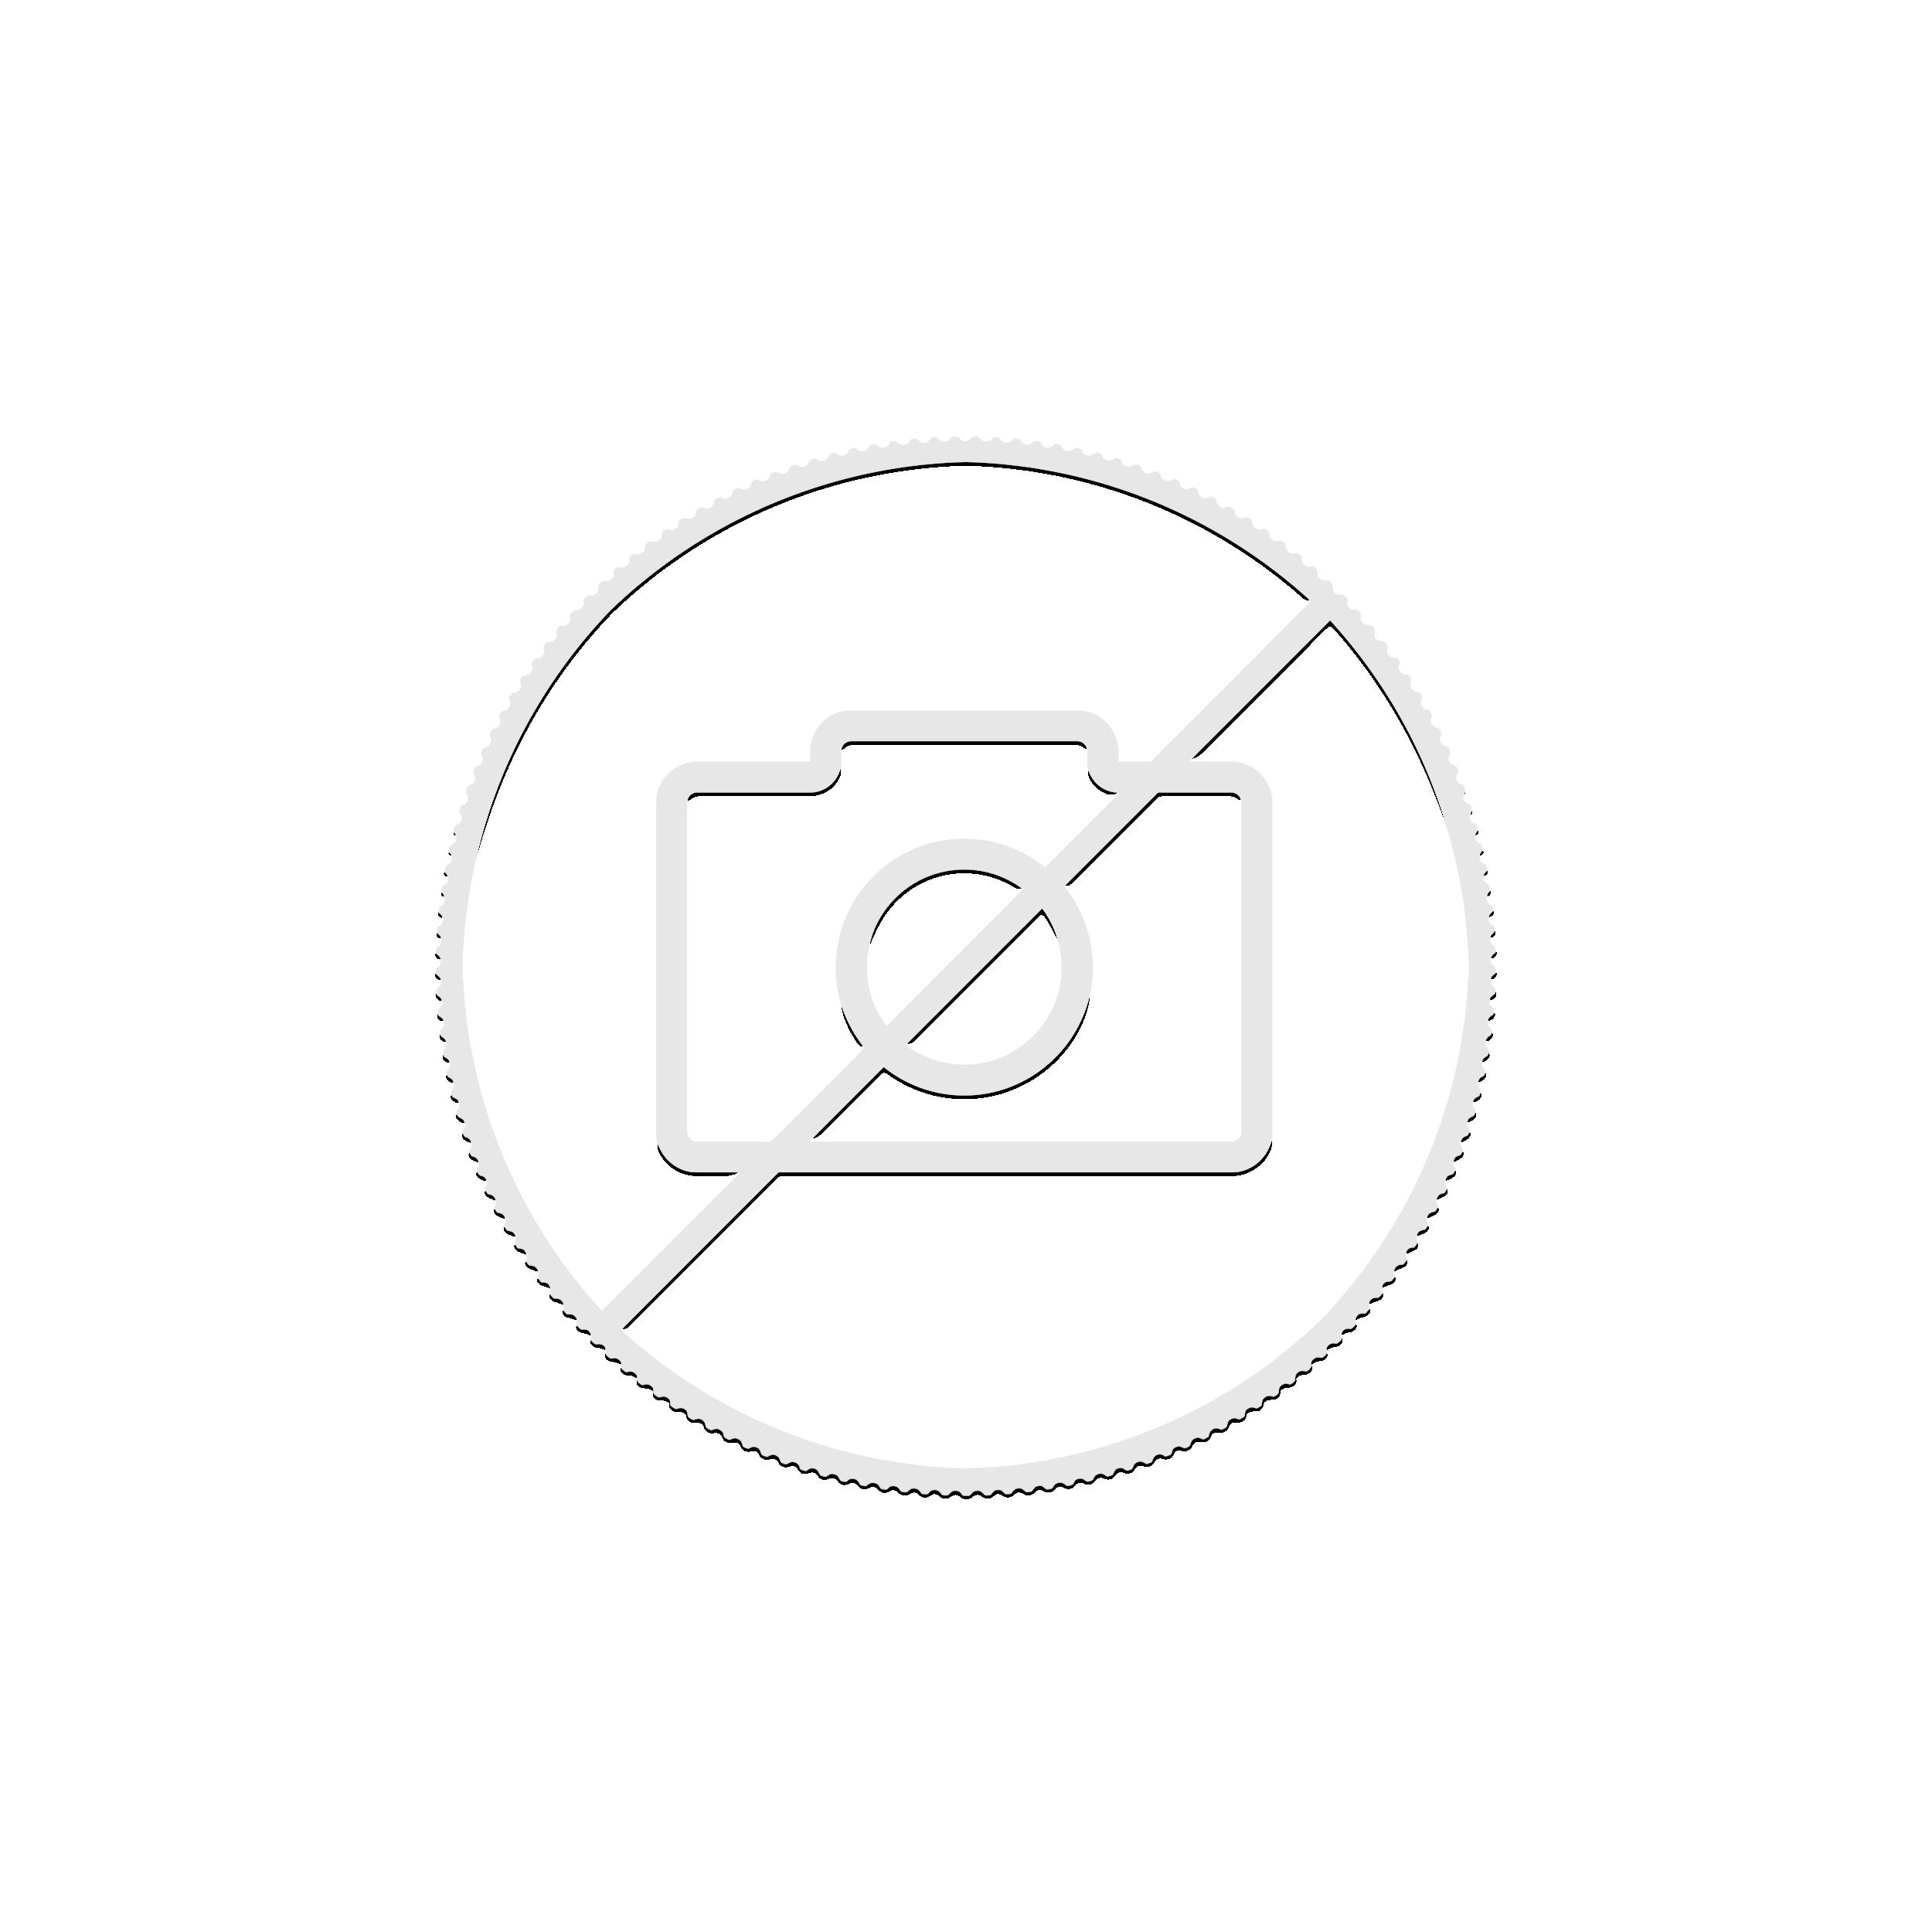 1 Troy ounce zilveren munt Golden Ring - Maple Leaf 2019